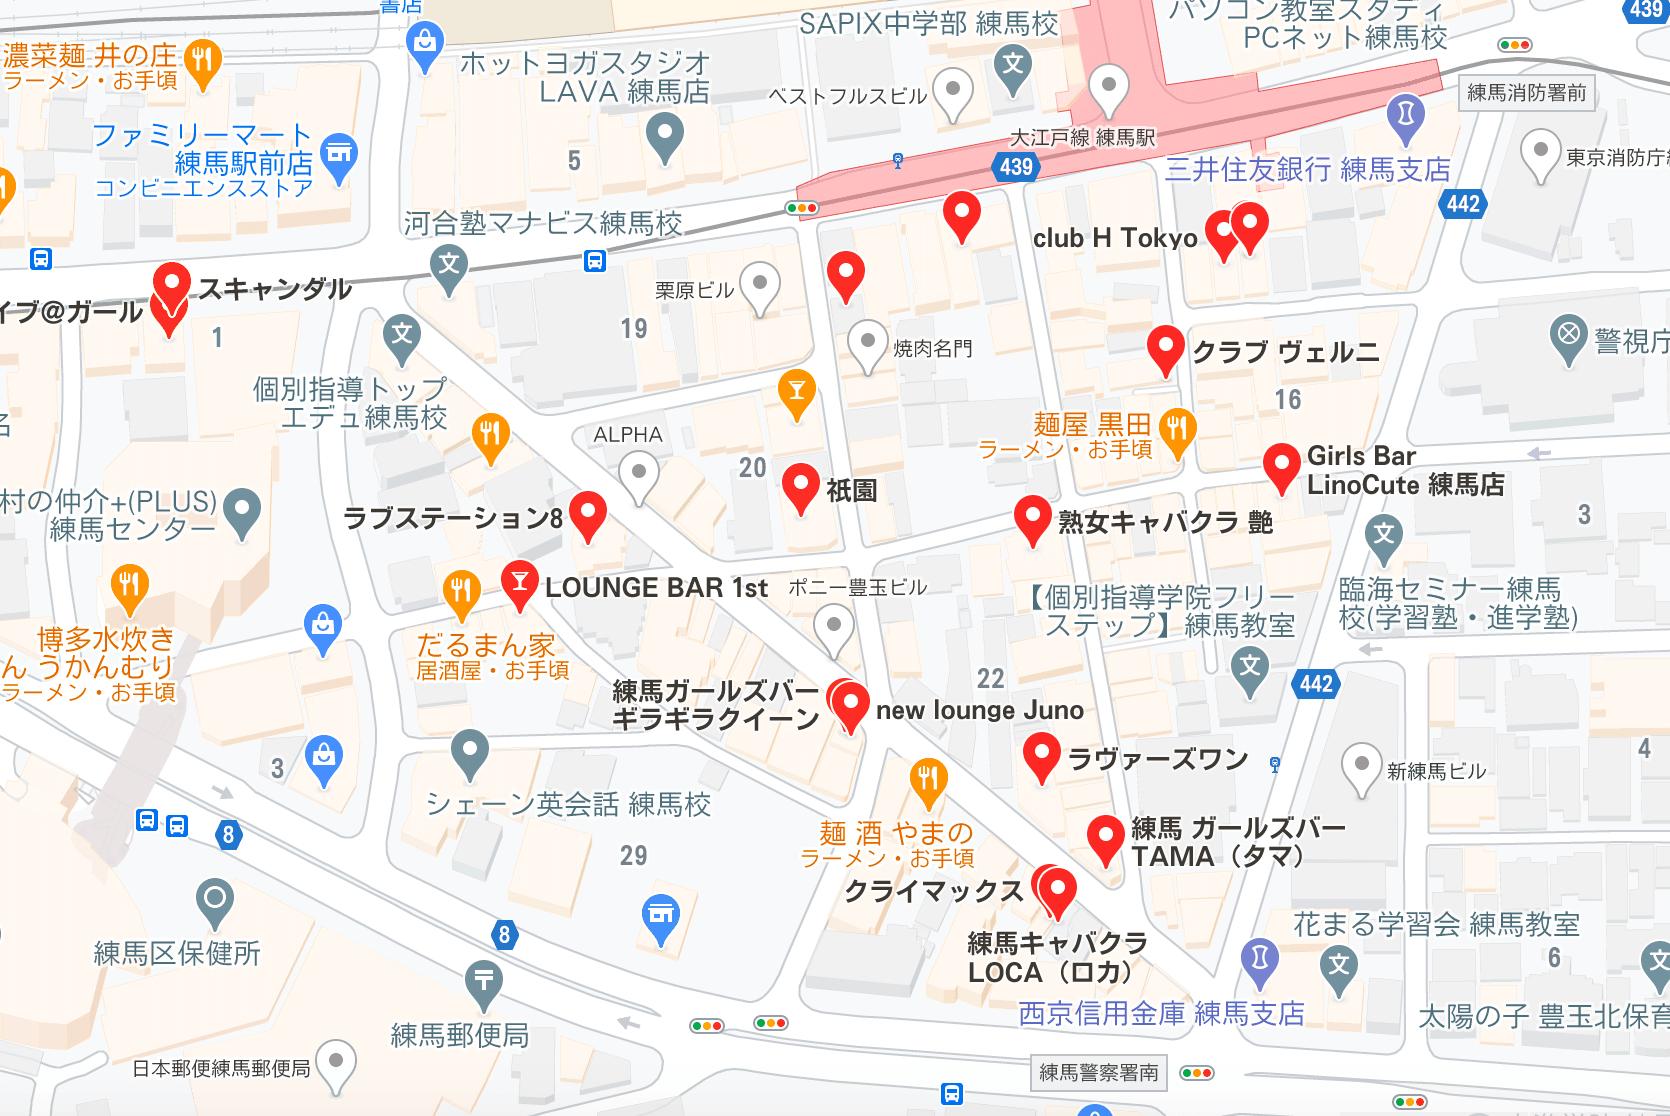 練馬駅 キャバクラ